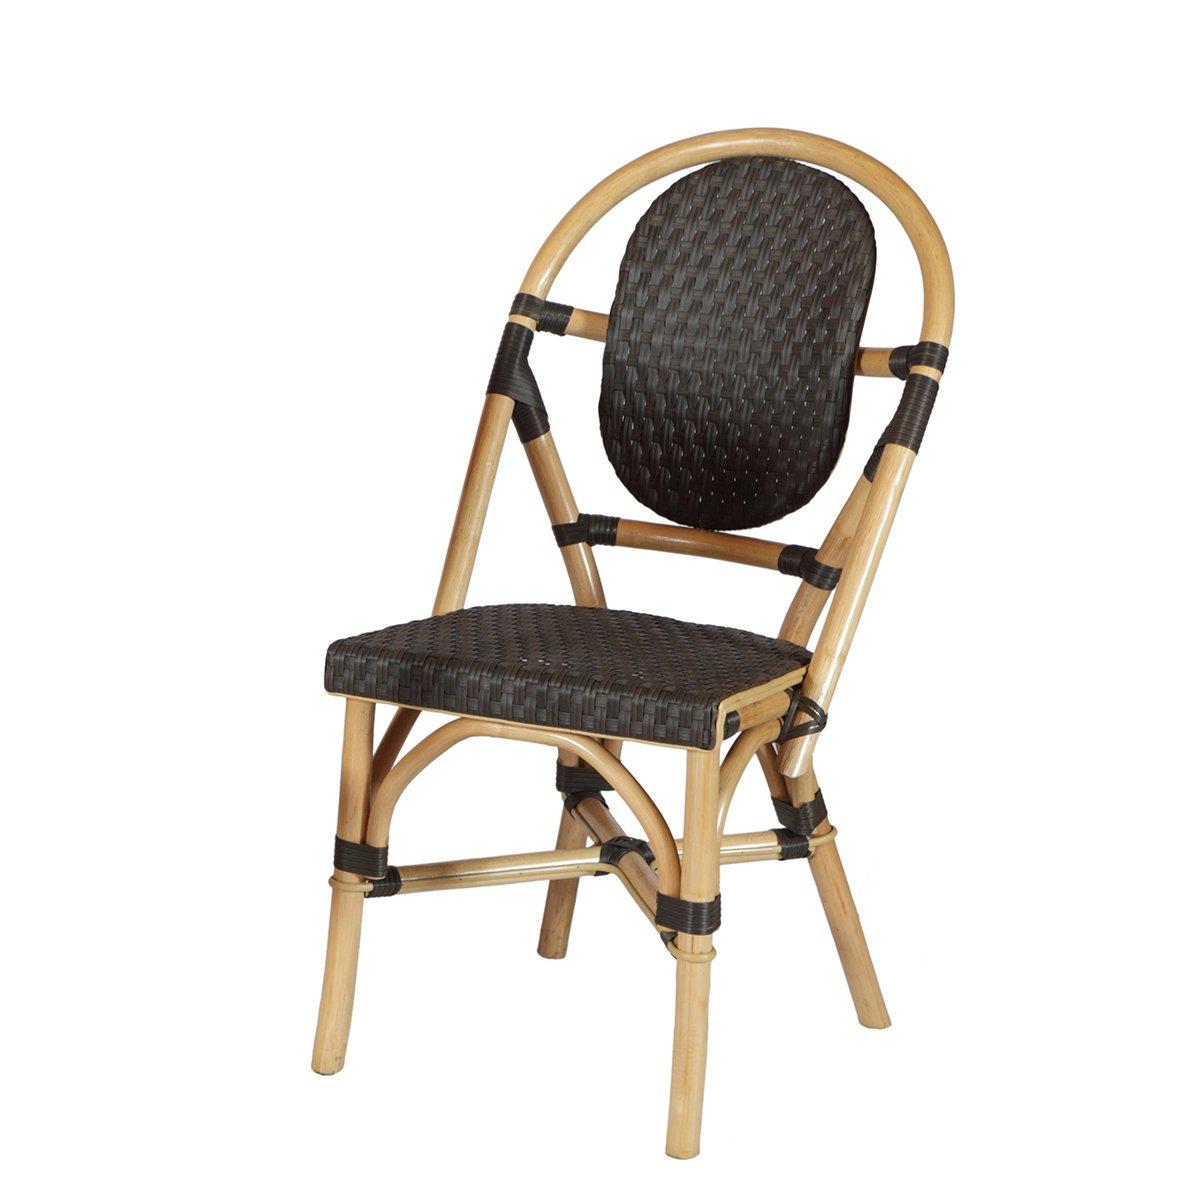 Rattan-Stuhl BISTRO Schwarz n°1 – Rattan Terrassenmöbel – Polyrattan/Bambus – Schwarz jetzt bestellen